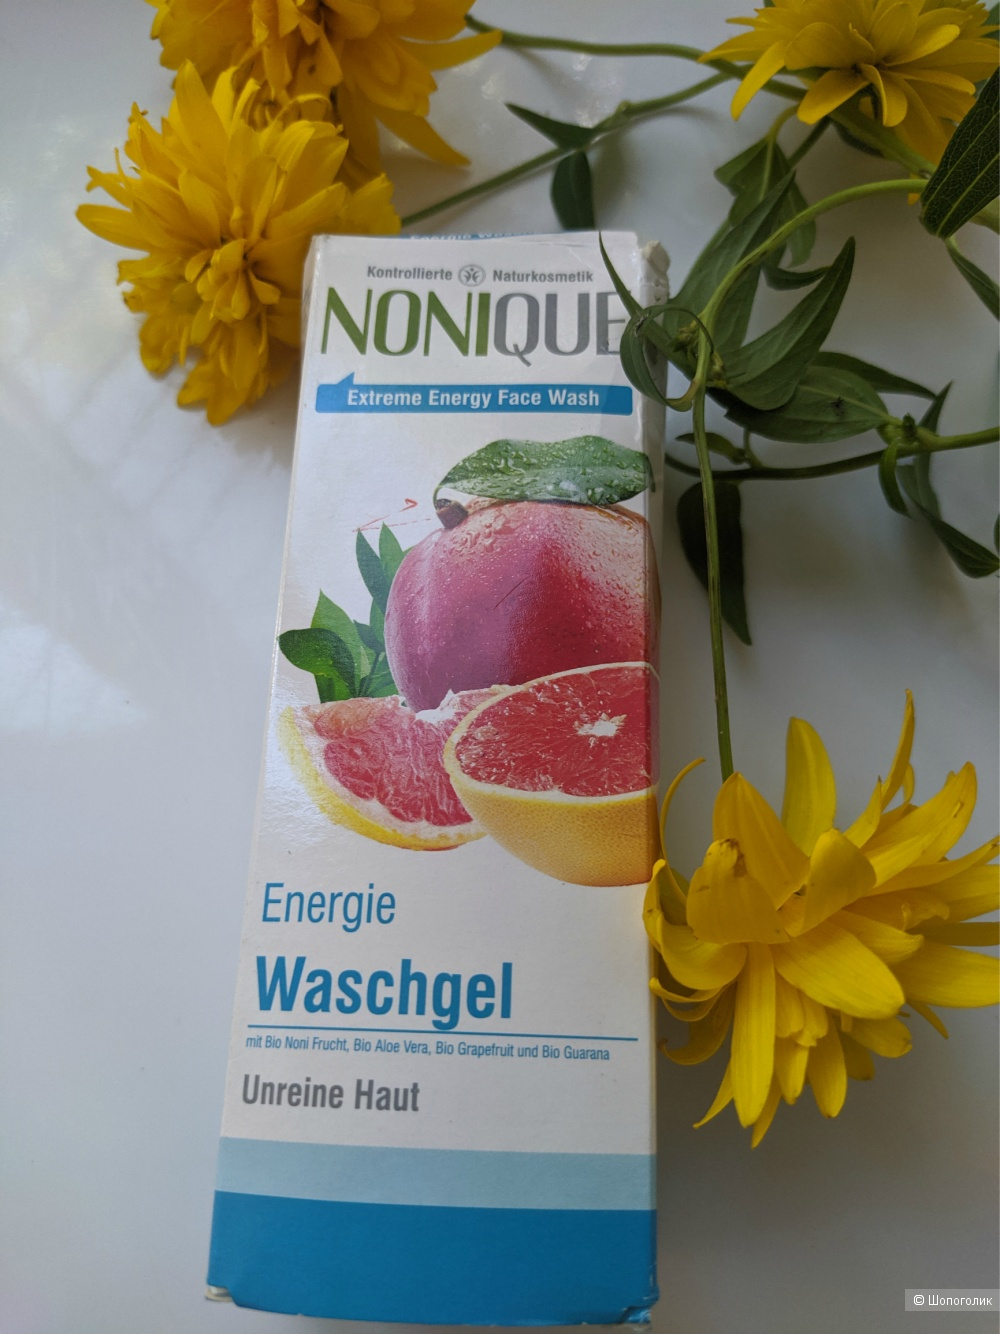 Гель для умывания Nonique Extreme Energy Maracuja, Mango & Grapefruit, 100мл